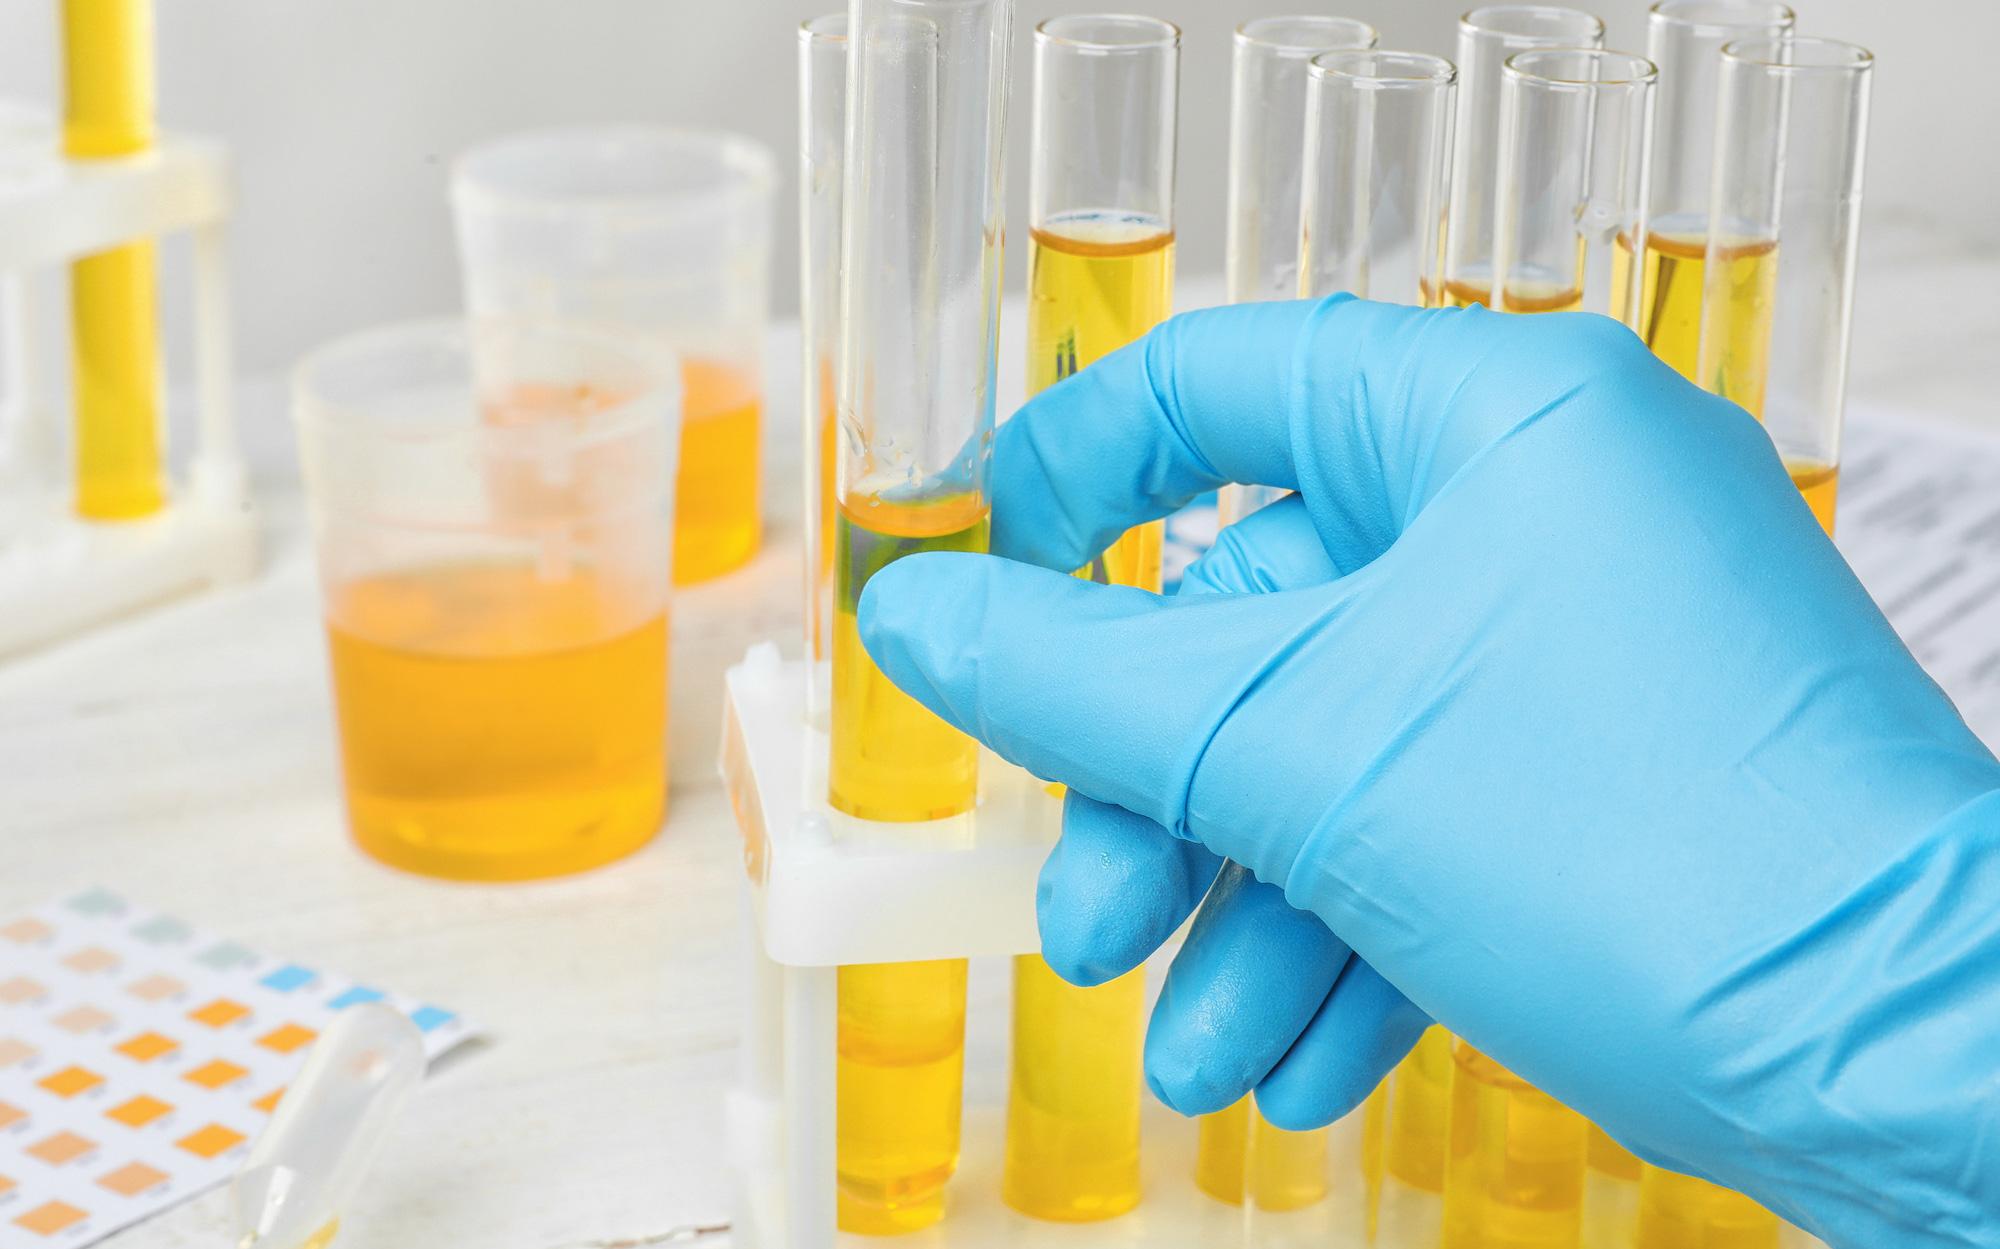 Đột phá: Chỉ xét nghiệm nước tiểu, 20 phút đã có ngay kết quả ung thư tuyến tiền liệt với độ chính xác gần 100%